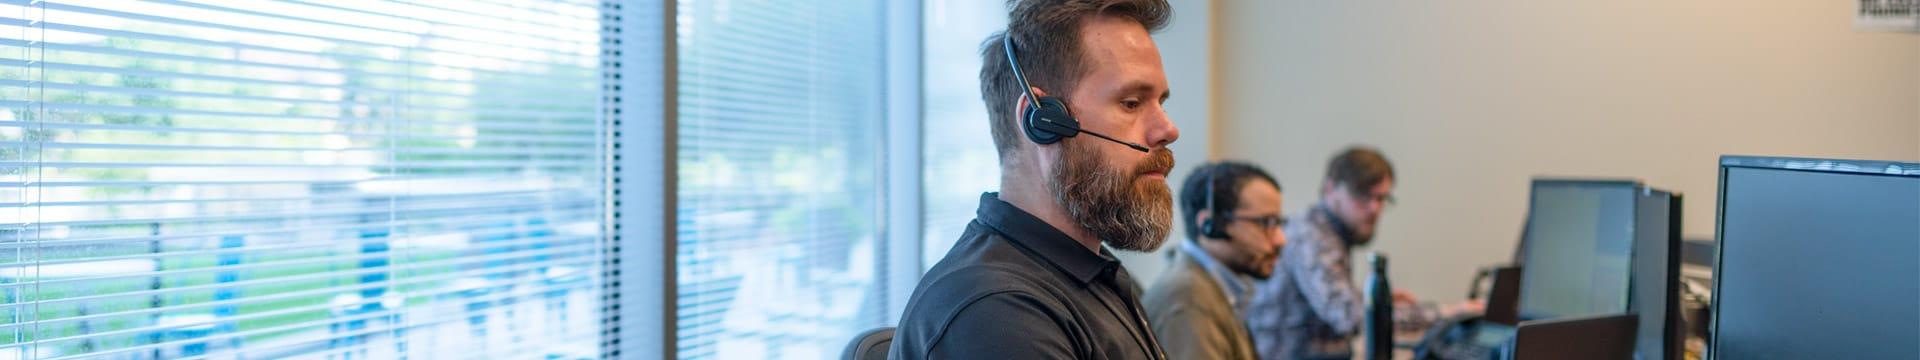 Services Call Center